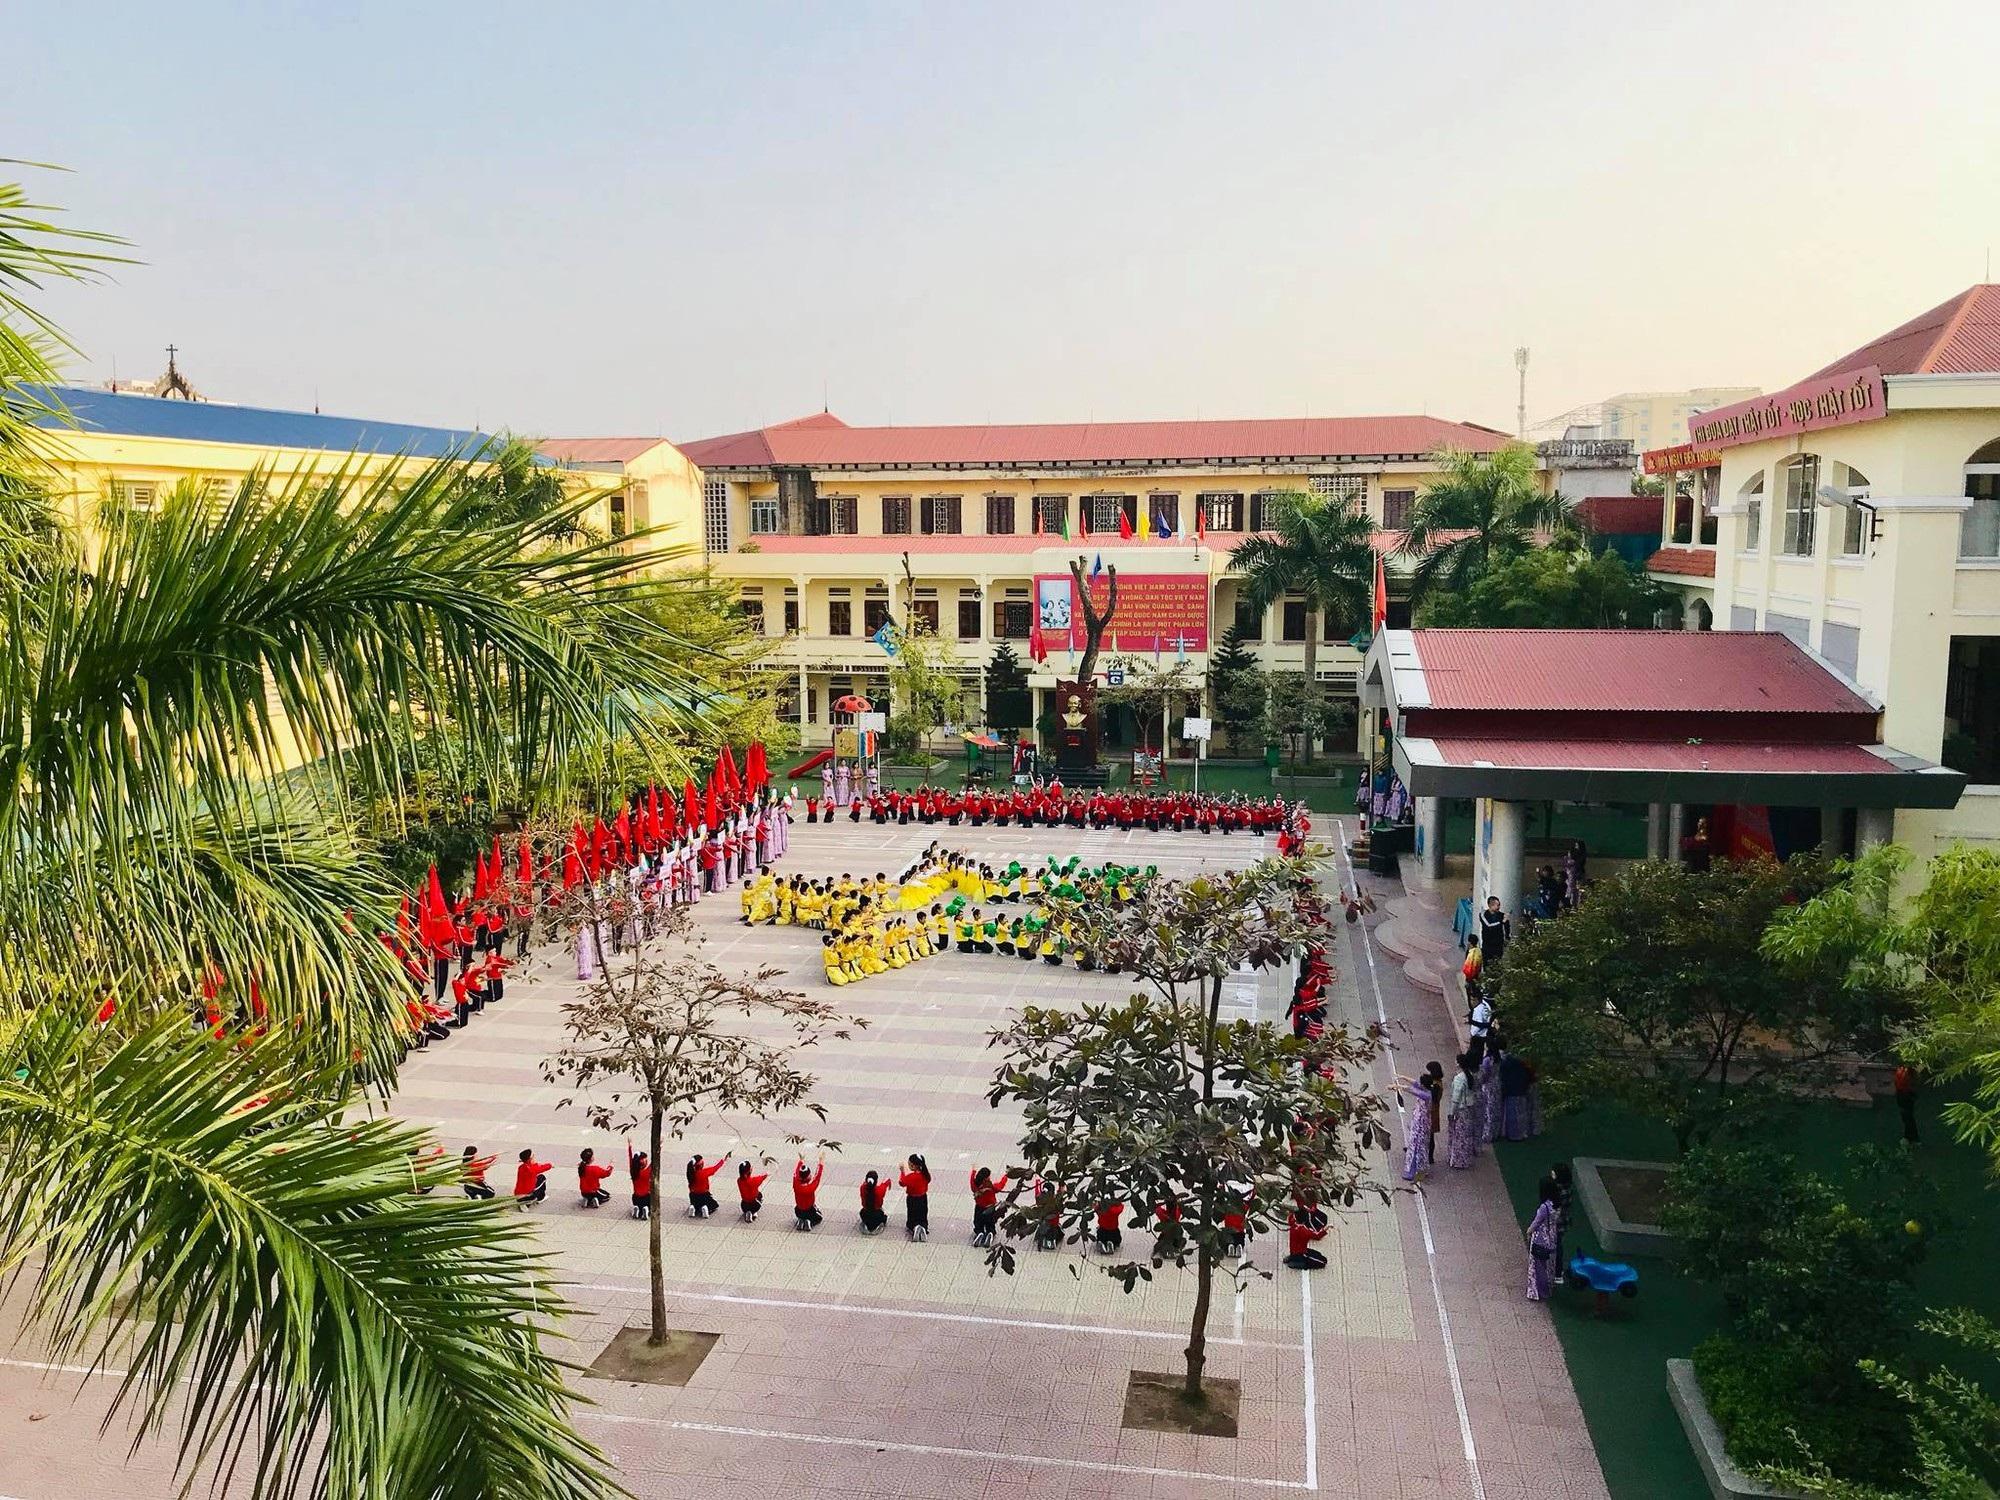 Học sinh yếu không được vào lớp ở Hải Phòng: Bộ GD&ĐT lập tổ công tác rà soát - Ảnh 1.